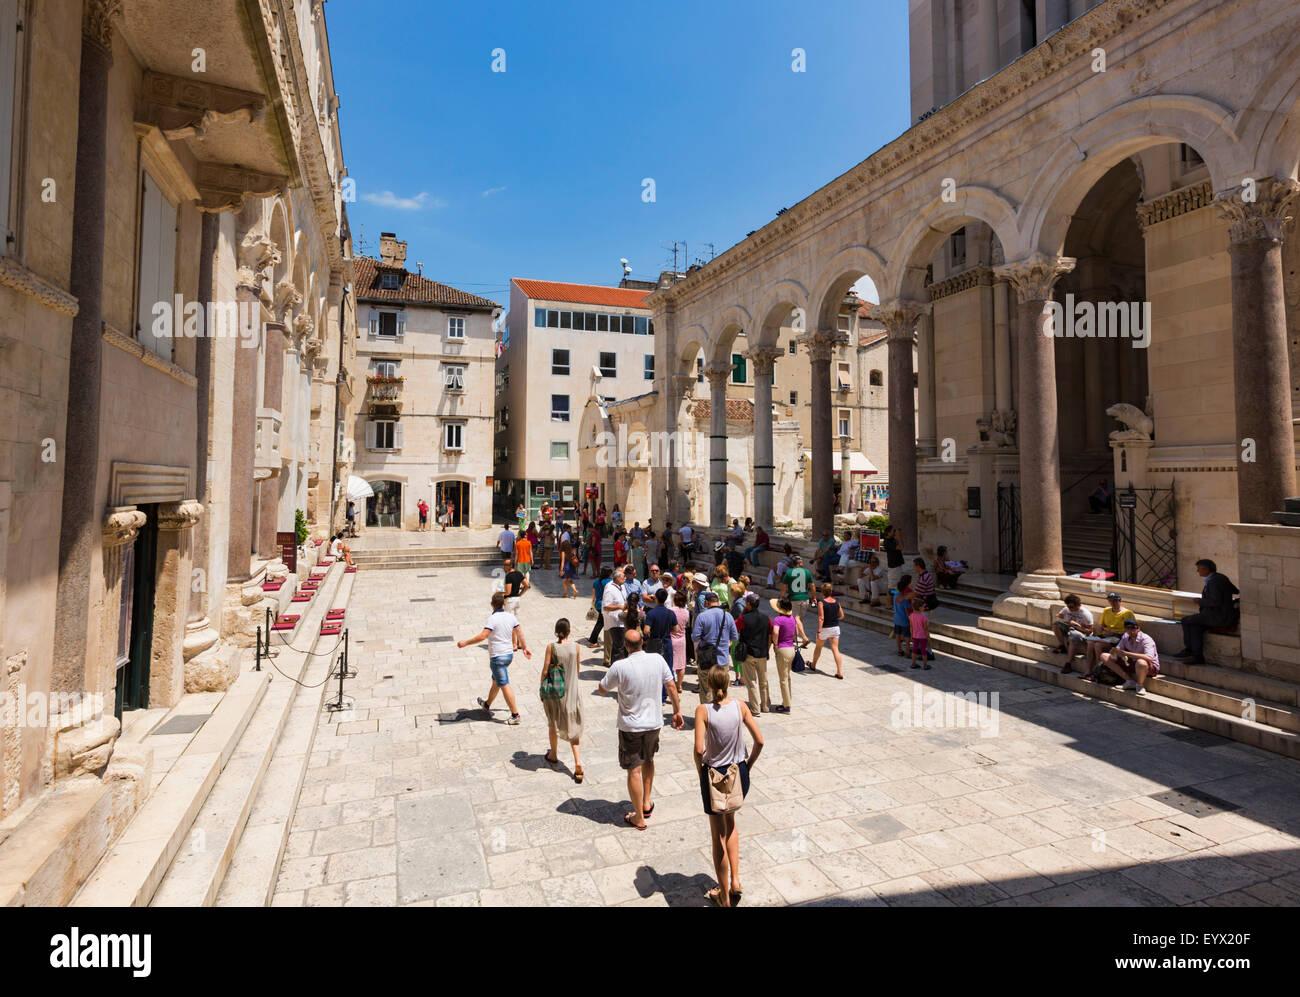 Split, Dalmatien, Kroatien.  Peristyl oder Perestil Platz. Das historische Zentrum von Split ist ein UNESCO-Weltkulturerbe. Stockbild